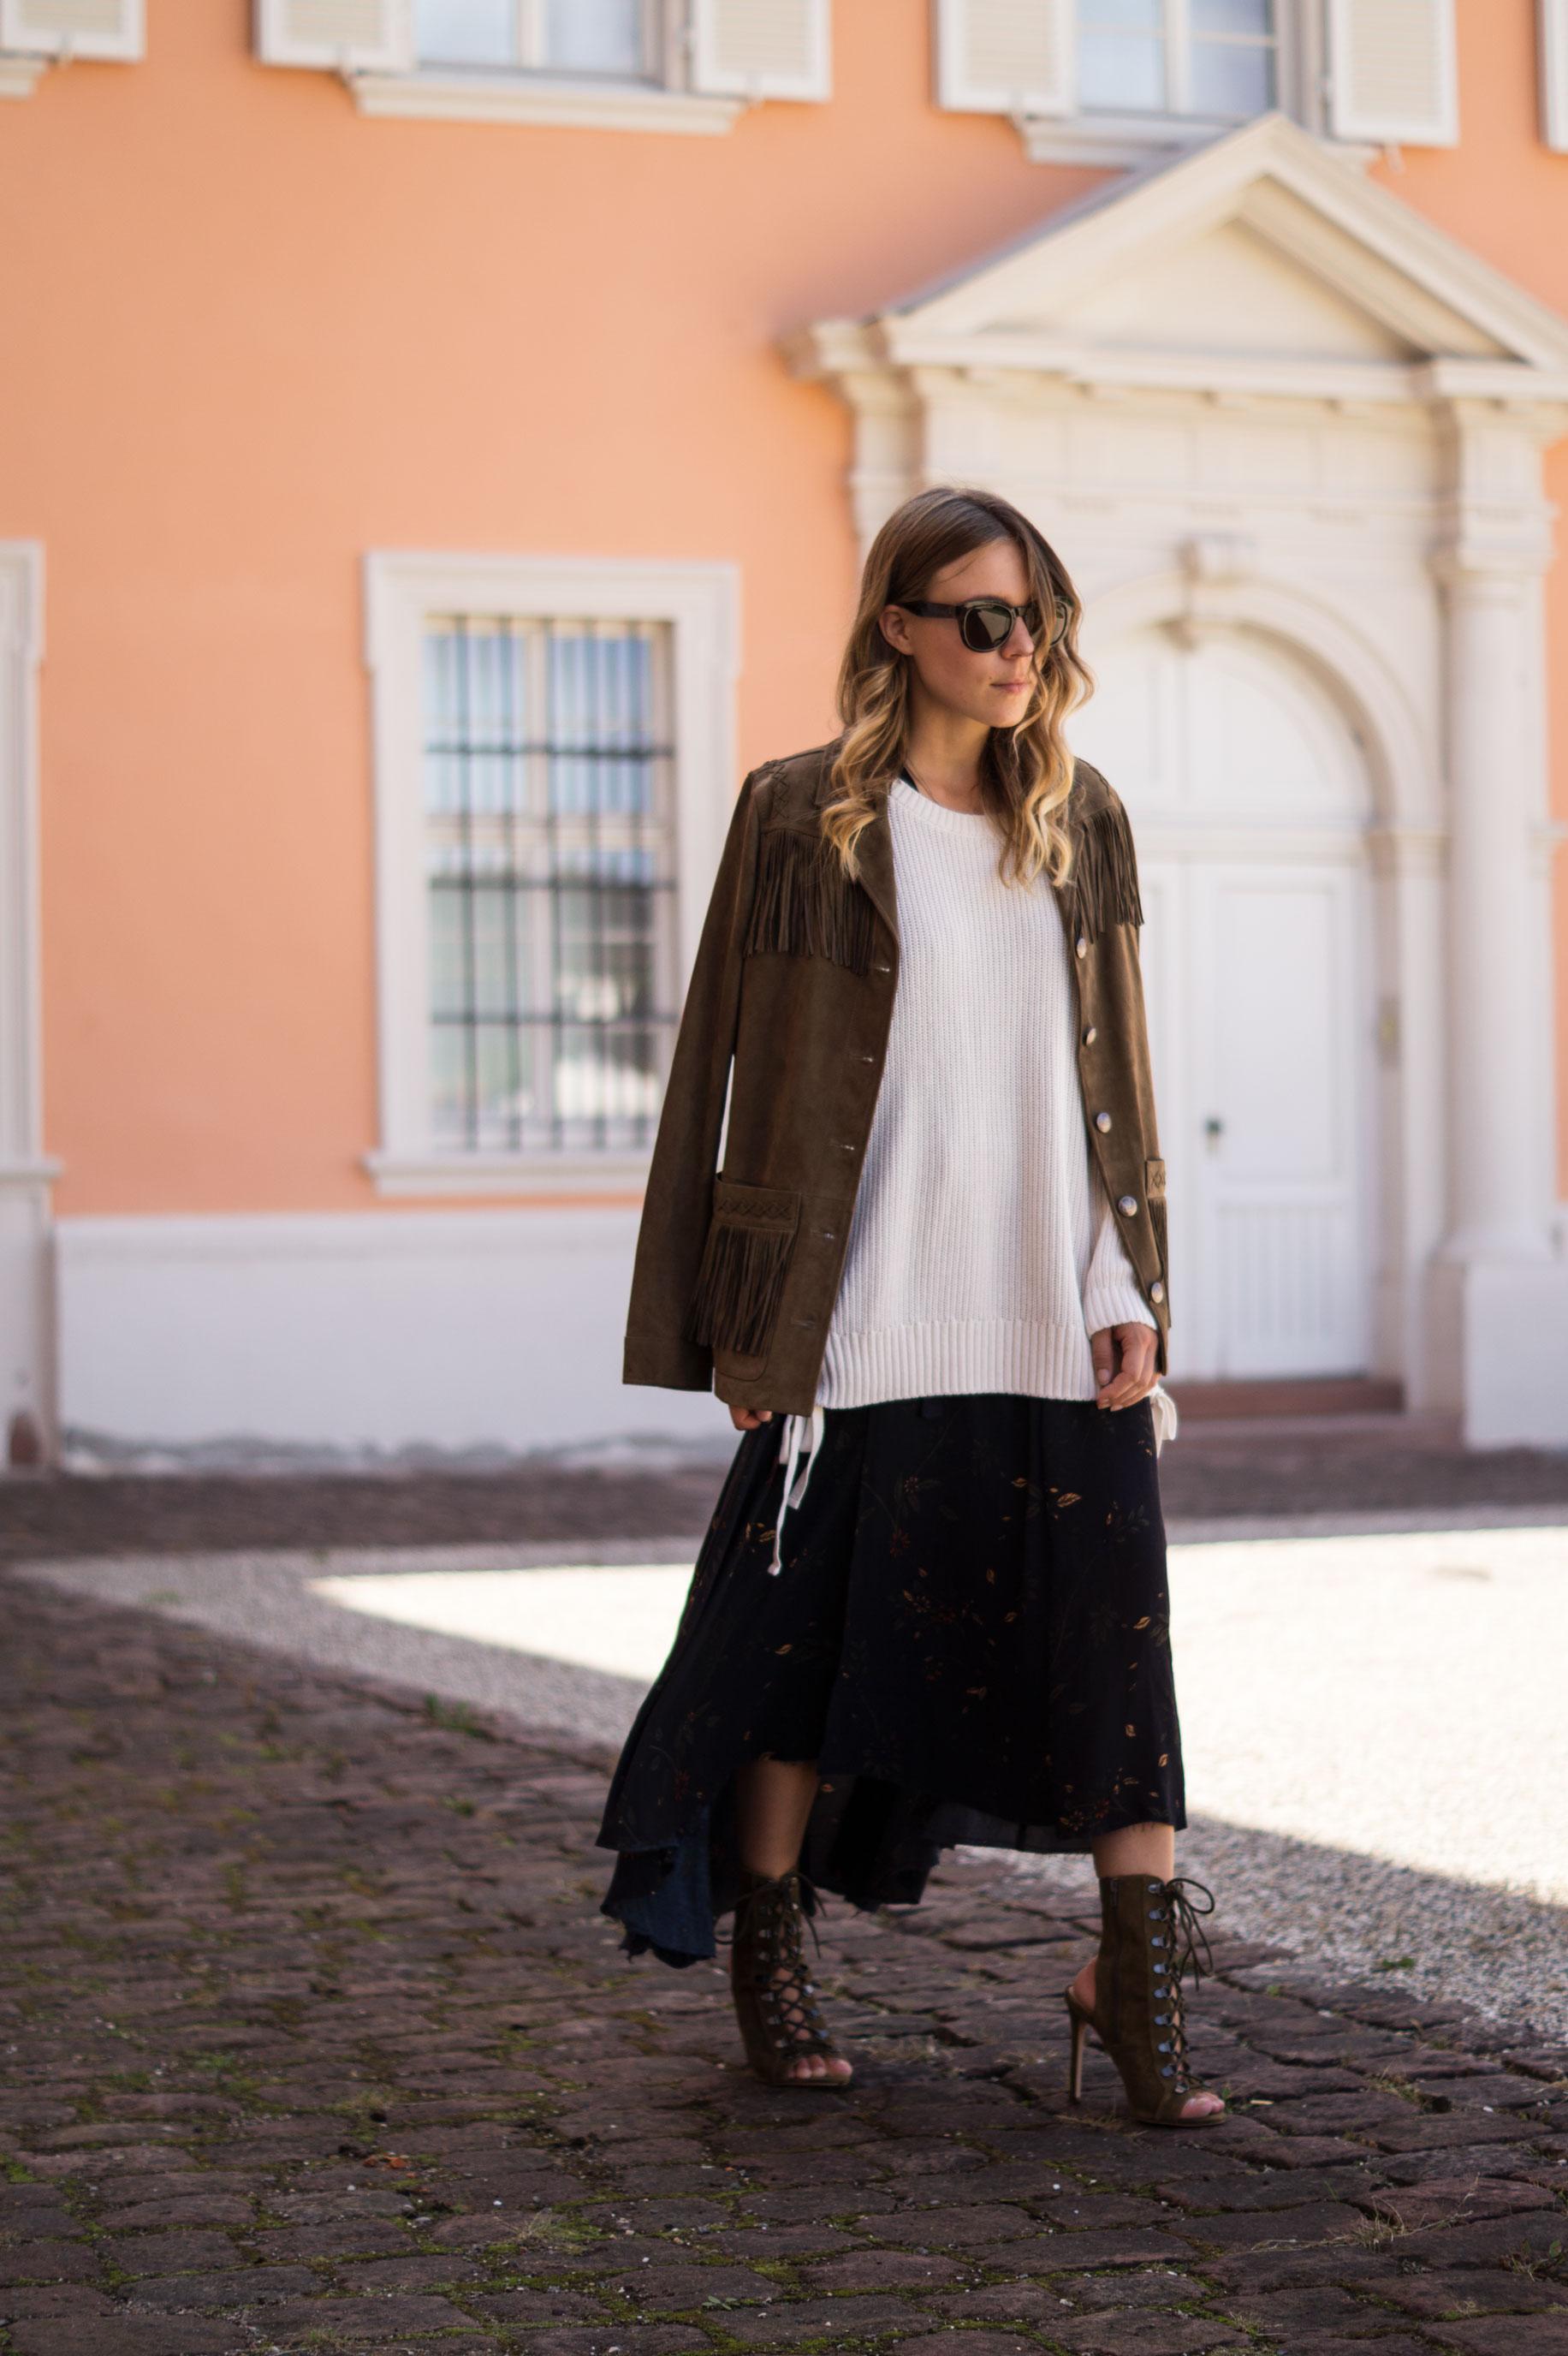 Fall Layers Herbstlook Fransenjacke Wildlederjacke Lace Up Heels Sariety Sarah Schaefer Modeblog Heidelberg_4